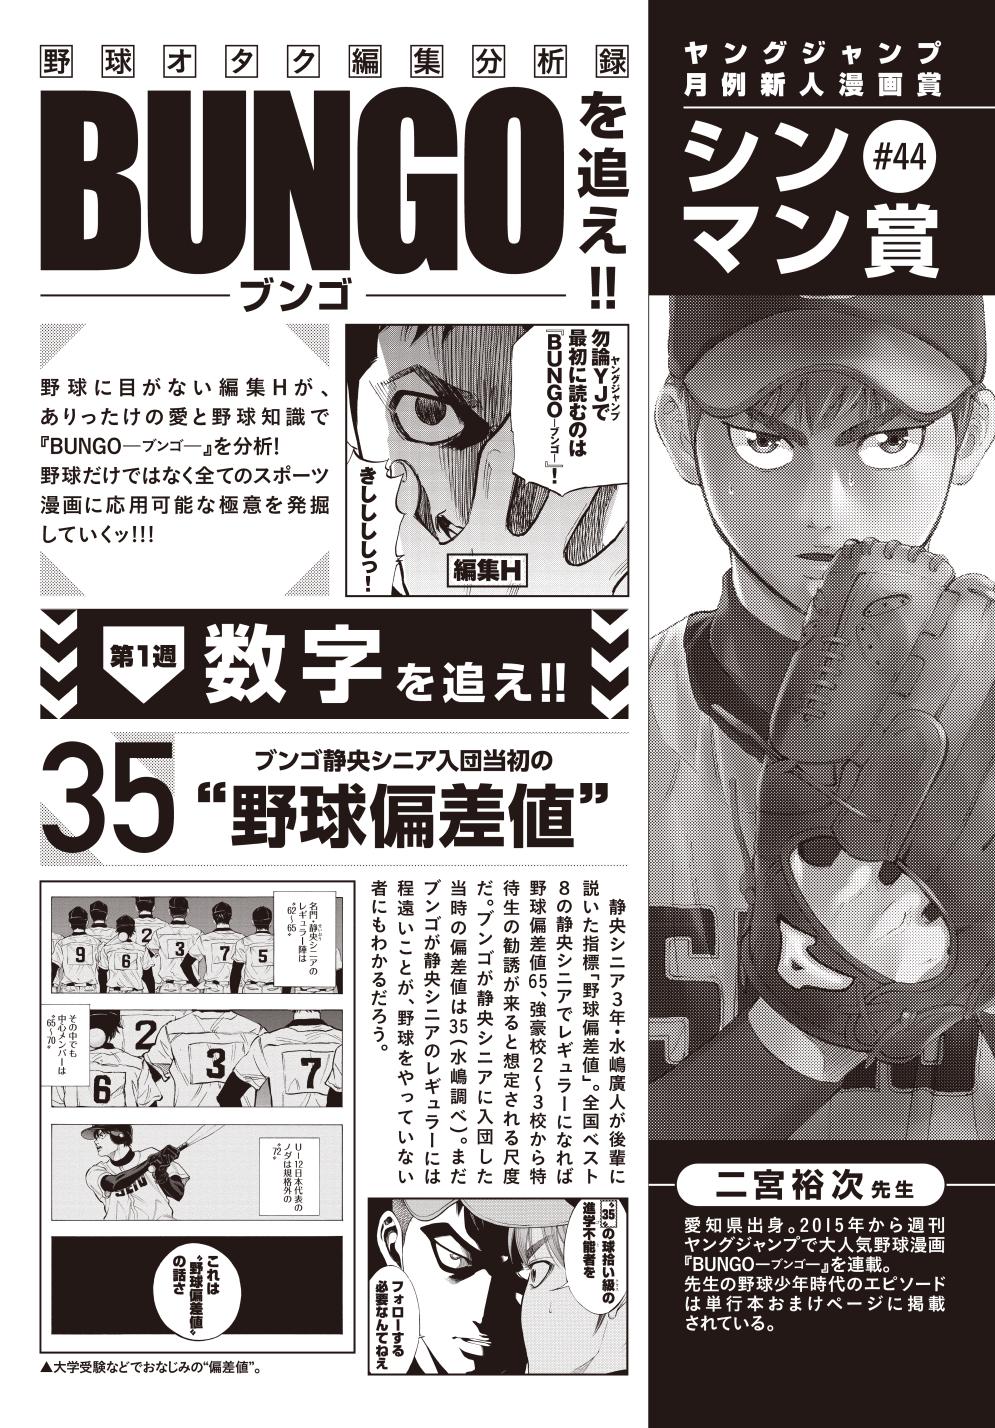 BUNGO-ブンゴ-のここがすごい!!